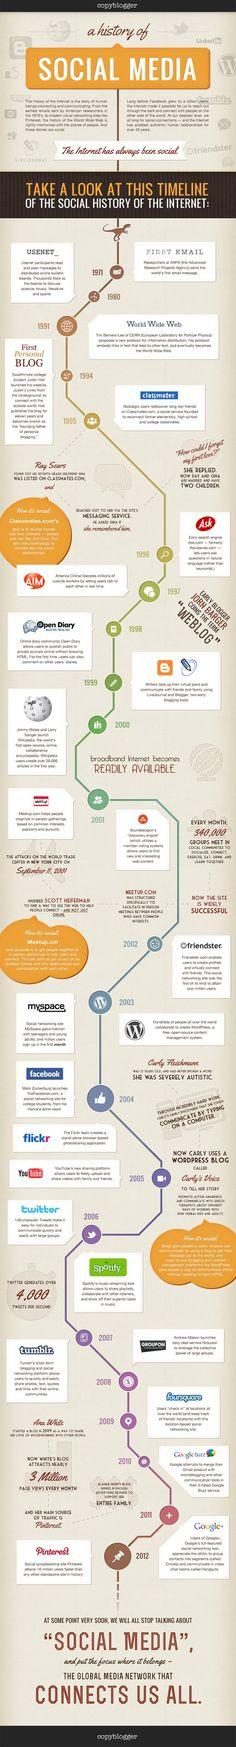 L'Histoire des réseaux sociaux au travers d'une infographie